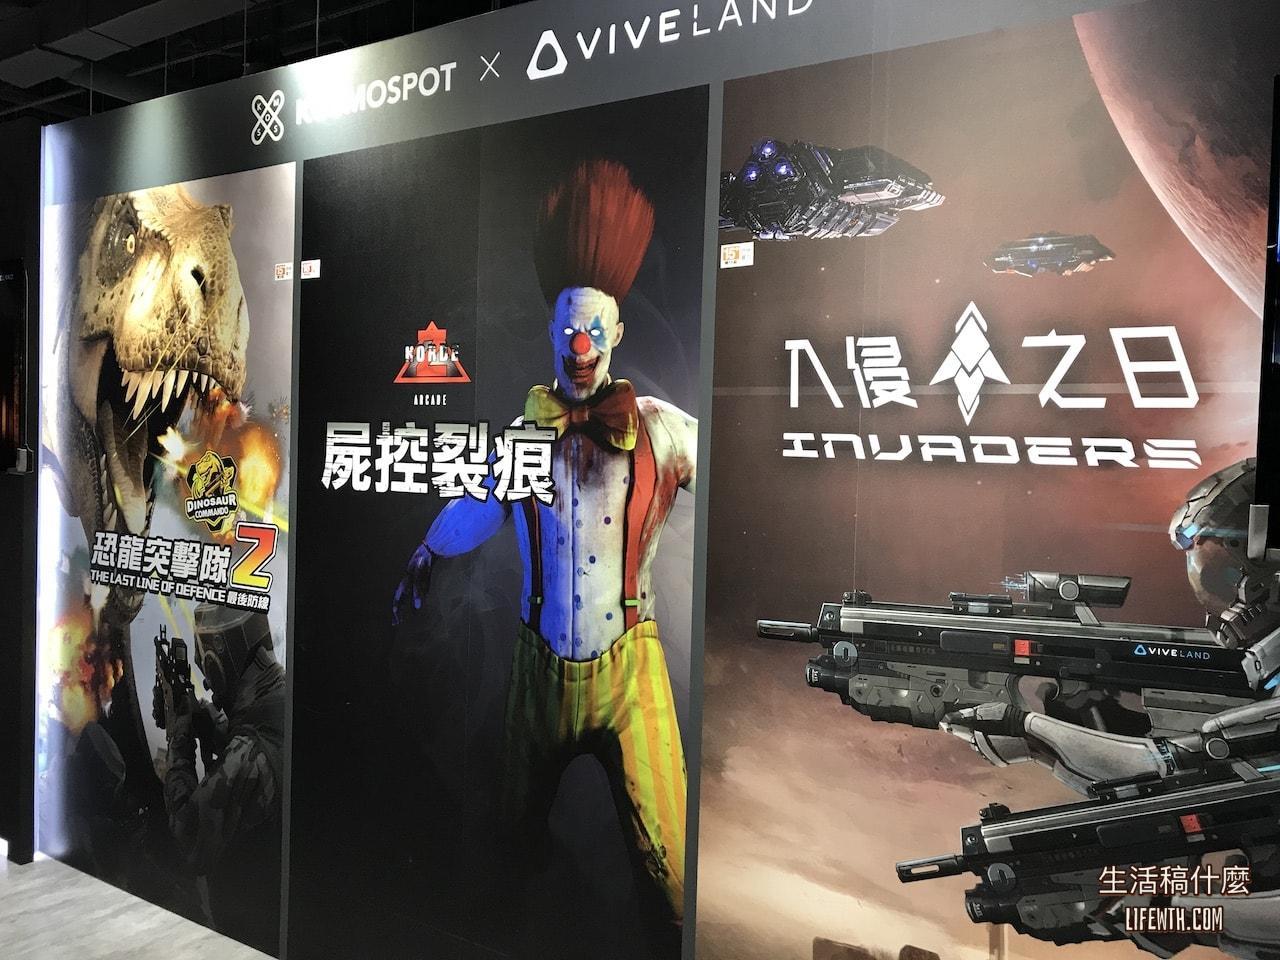 高雄大魯閣草衙道VR虛擬實境樂園/VR射擊遊戲